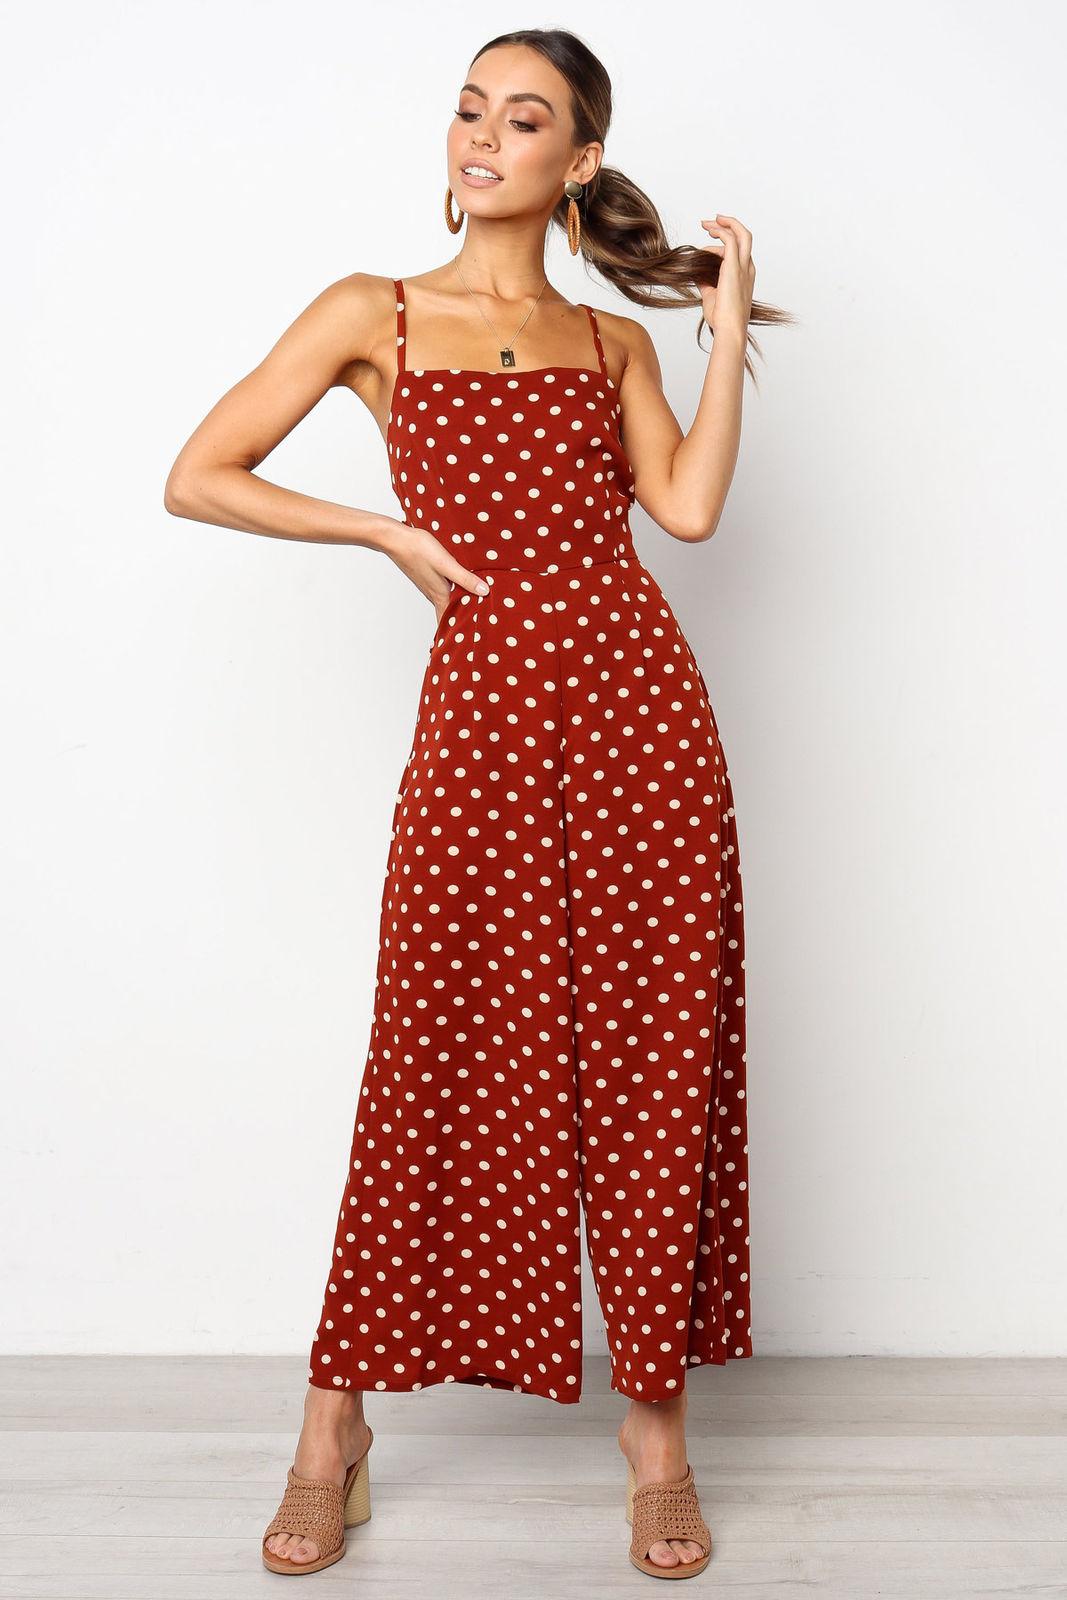 Women's Summer Sleeveless Bodycon Slim Fit   Jumpsuit   Clubwear Bodysuit Long